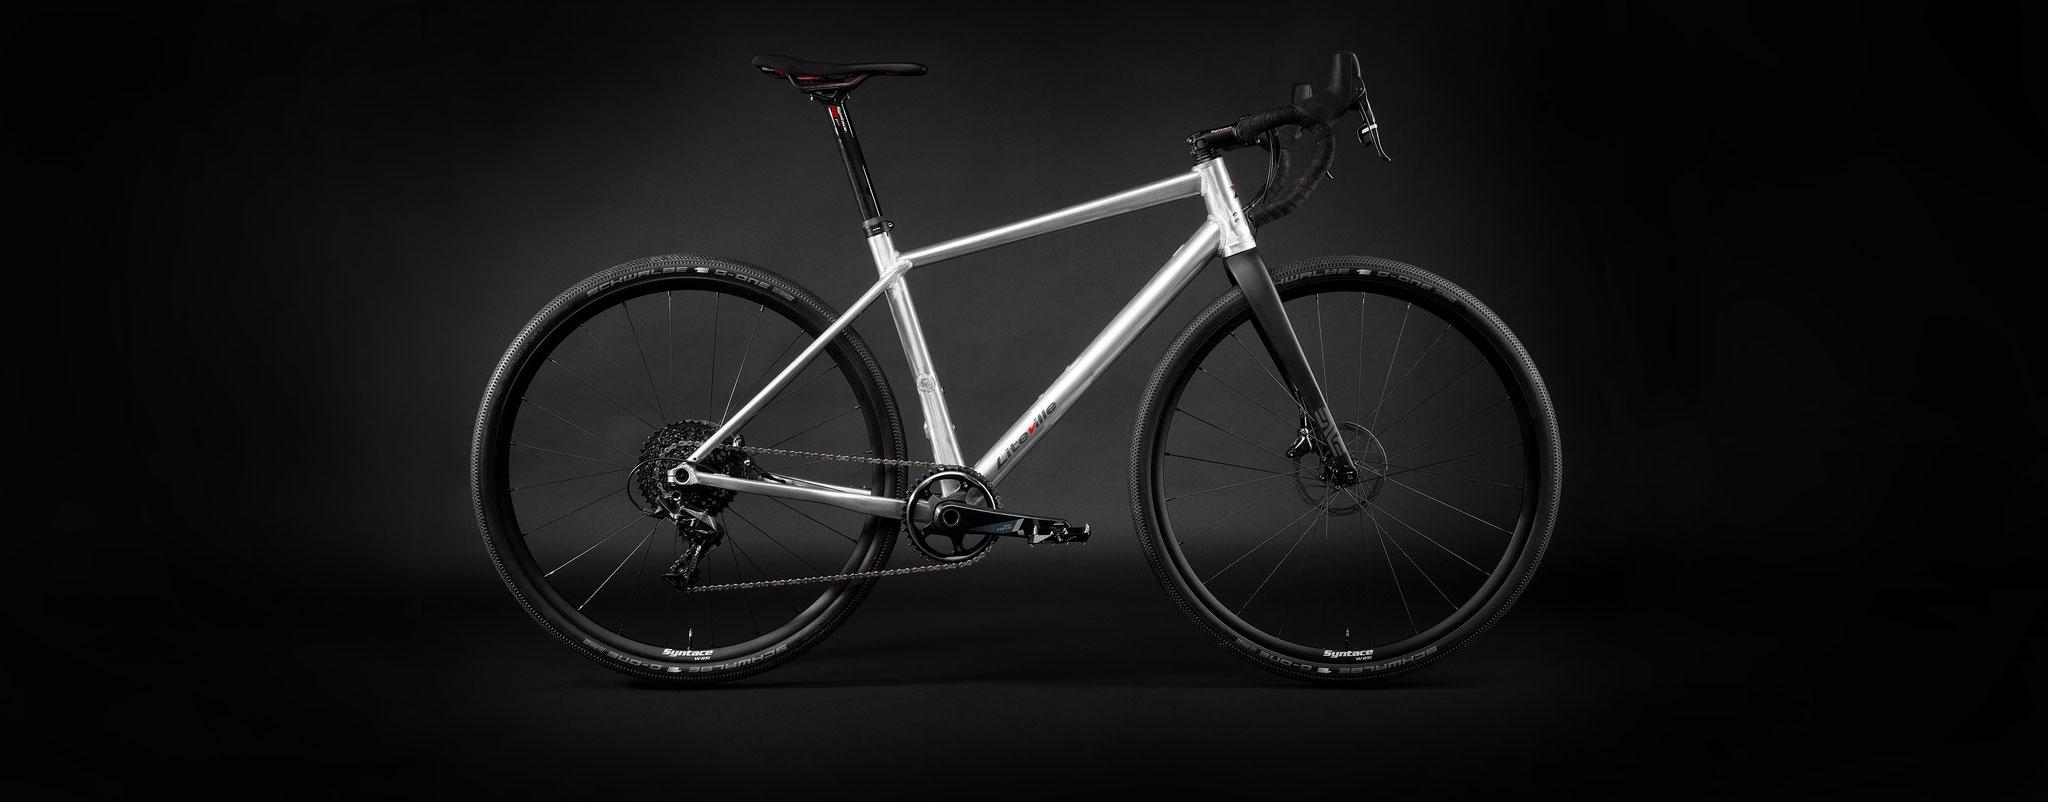 Spezielle Geometrie nach den Erfahrungen aus der Entwicklung von Mountainbikes